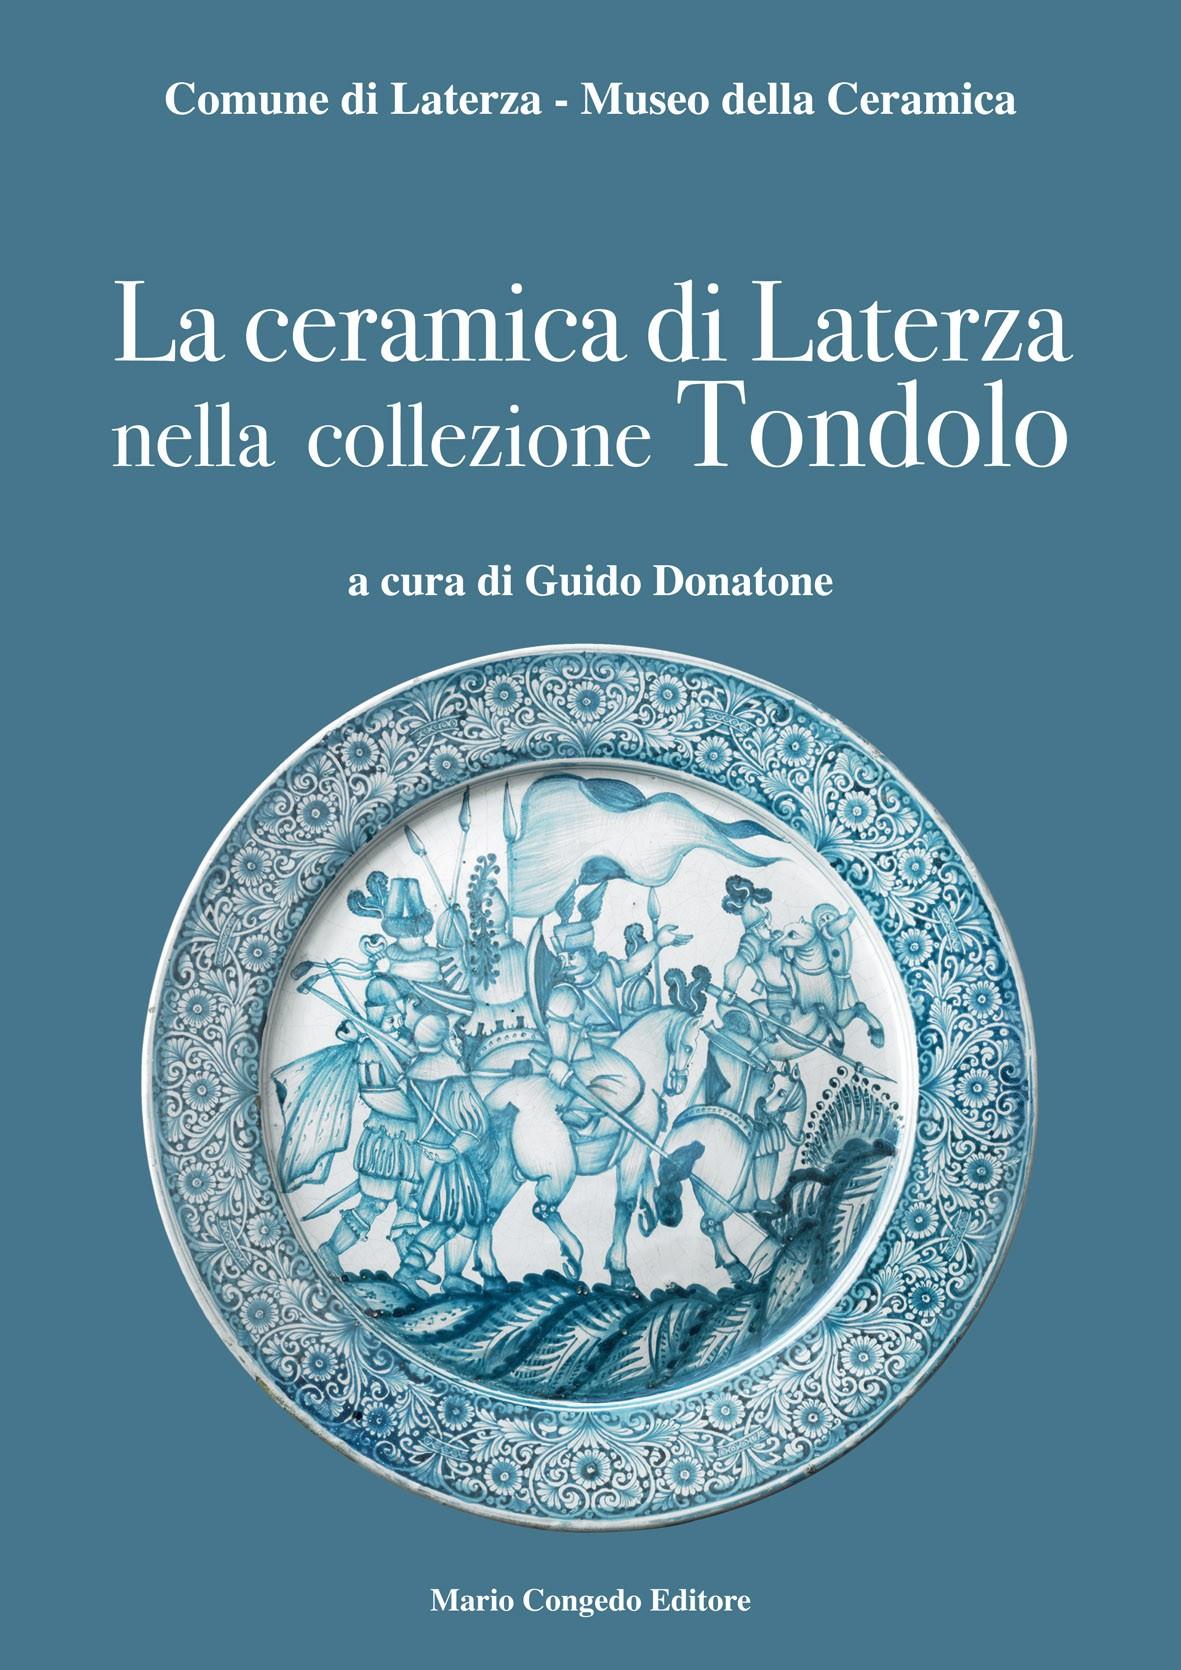 La ceramica di Laterza nella collezione Tondolo